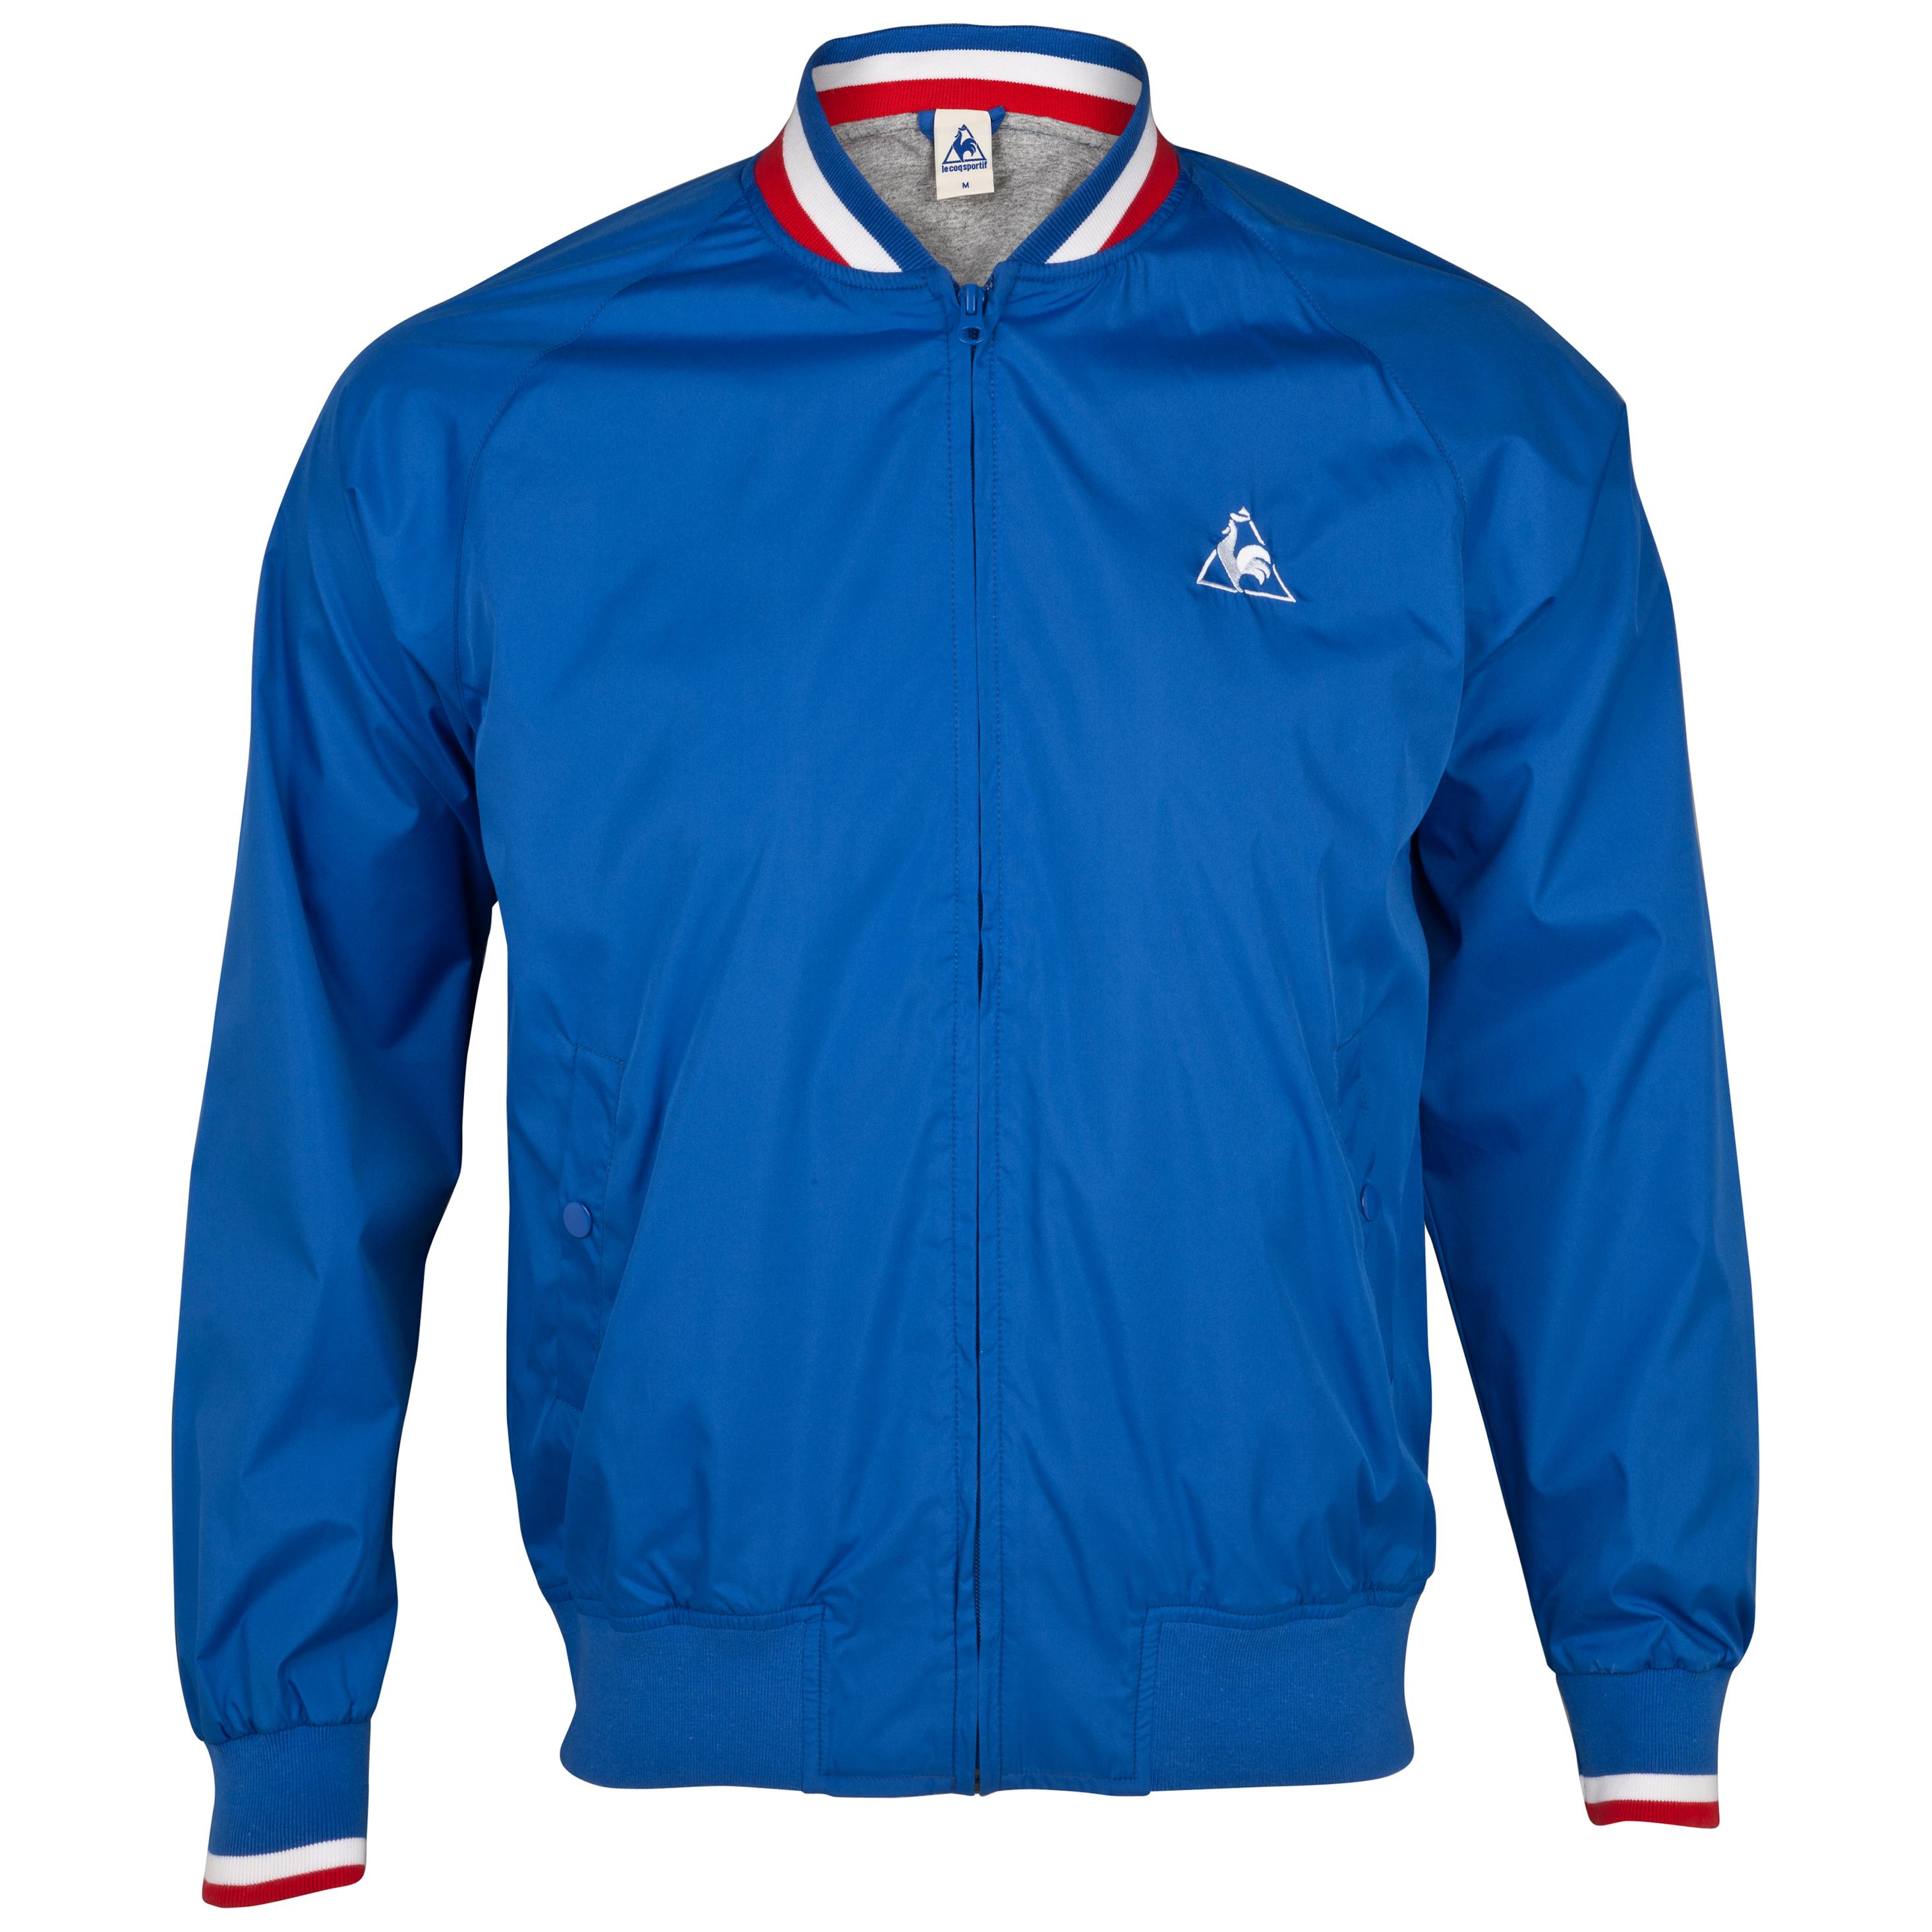 Le Coq Sportif Etze Jacket - Olympian Blue